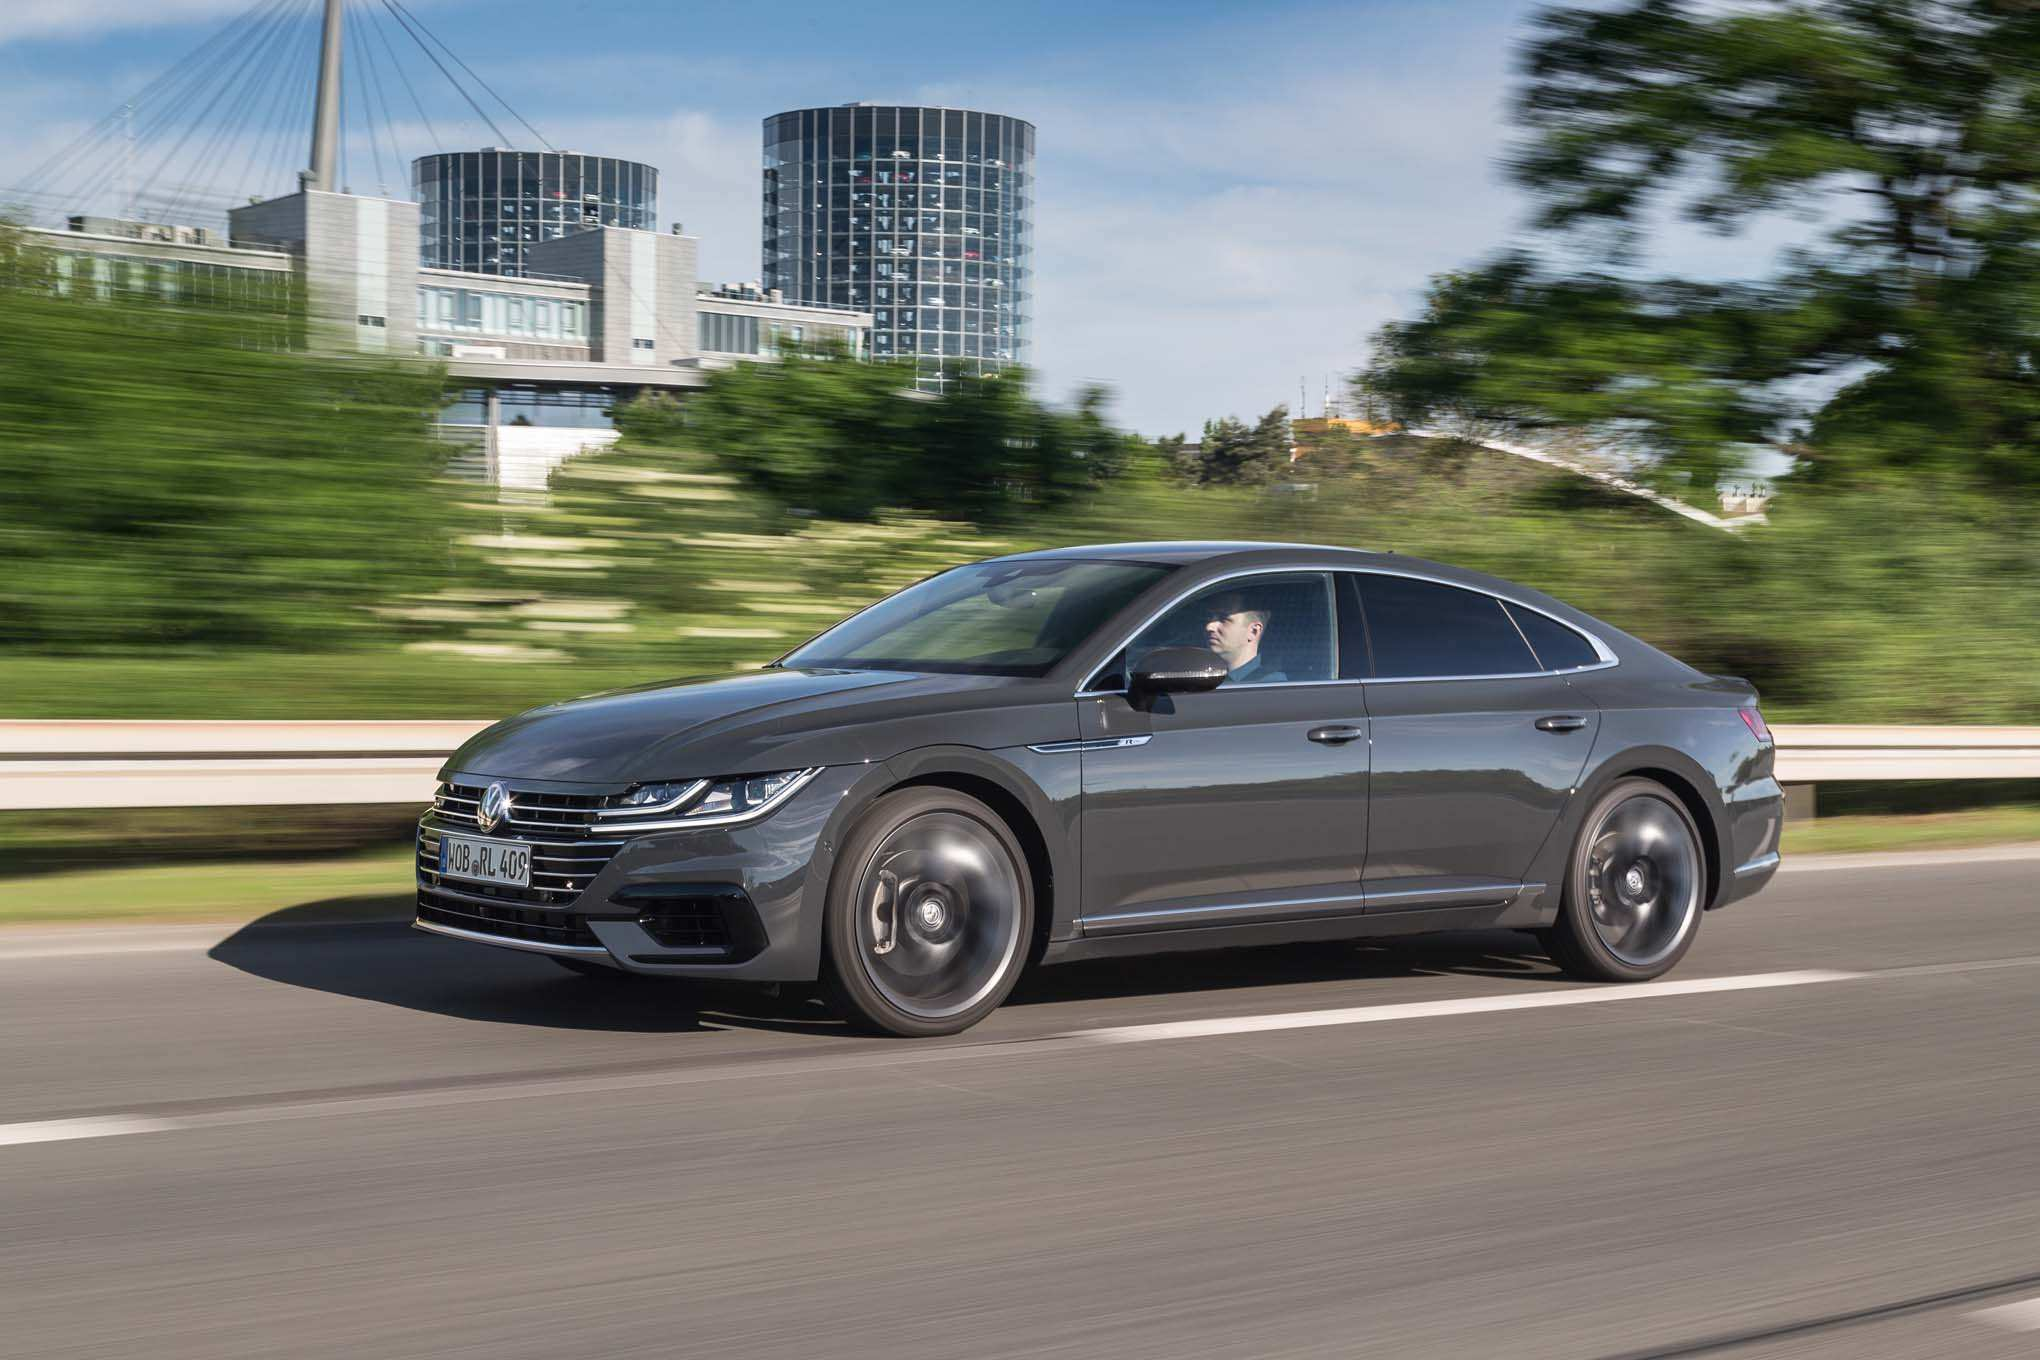 47 Gallery of Volkswagen Arteon 2020 Exterior Date Picture for Volkswagen Arteon 2020 Exterior Date